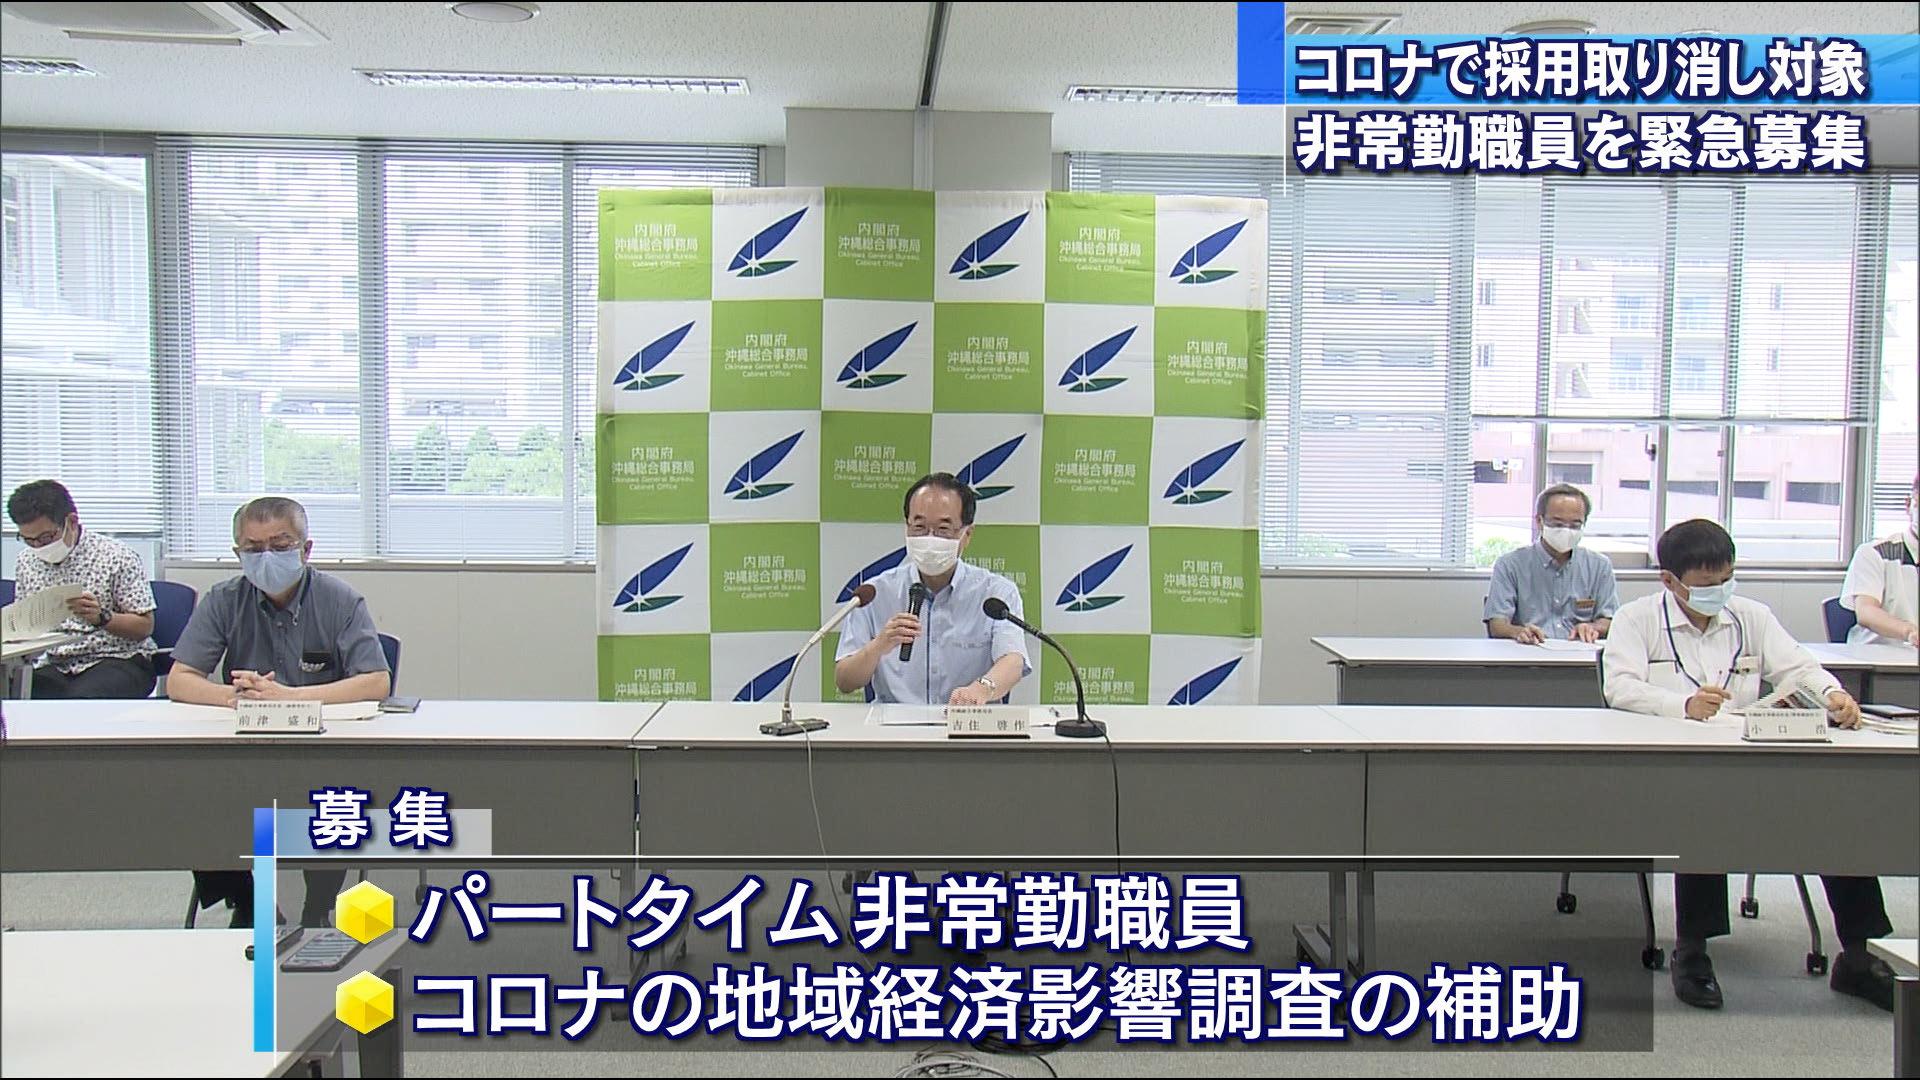 沖縄総合事務局 非常勤職員募集